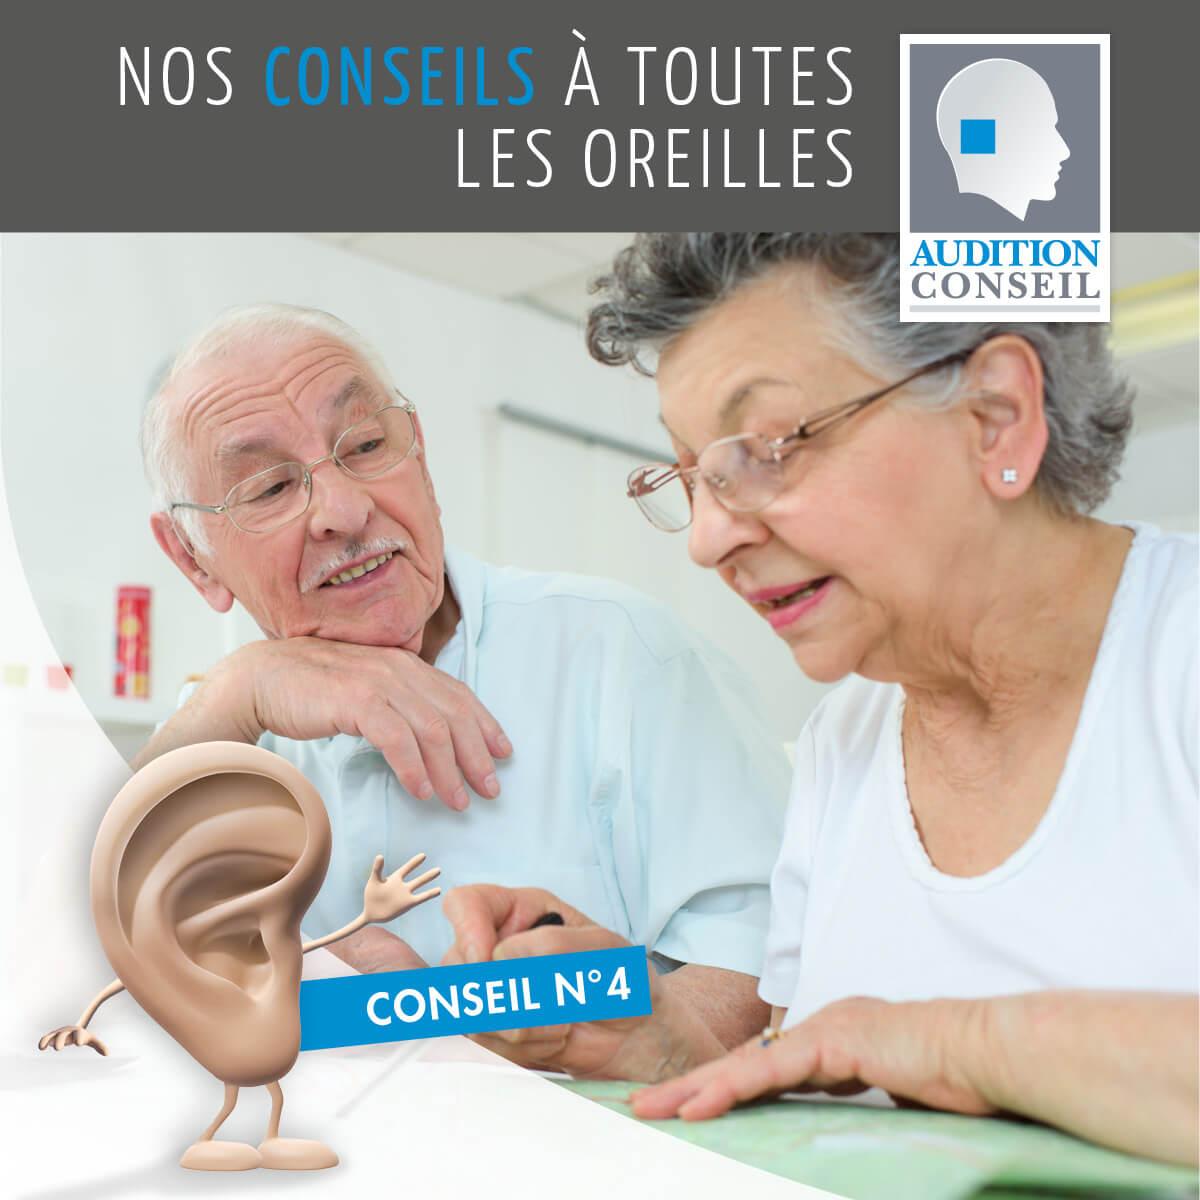 Conseils_a_toutes_les_oreilles_4